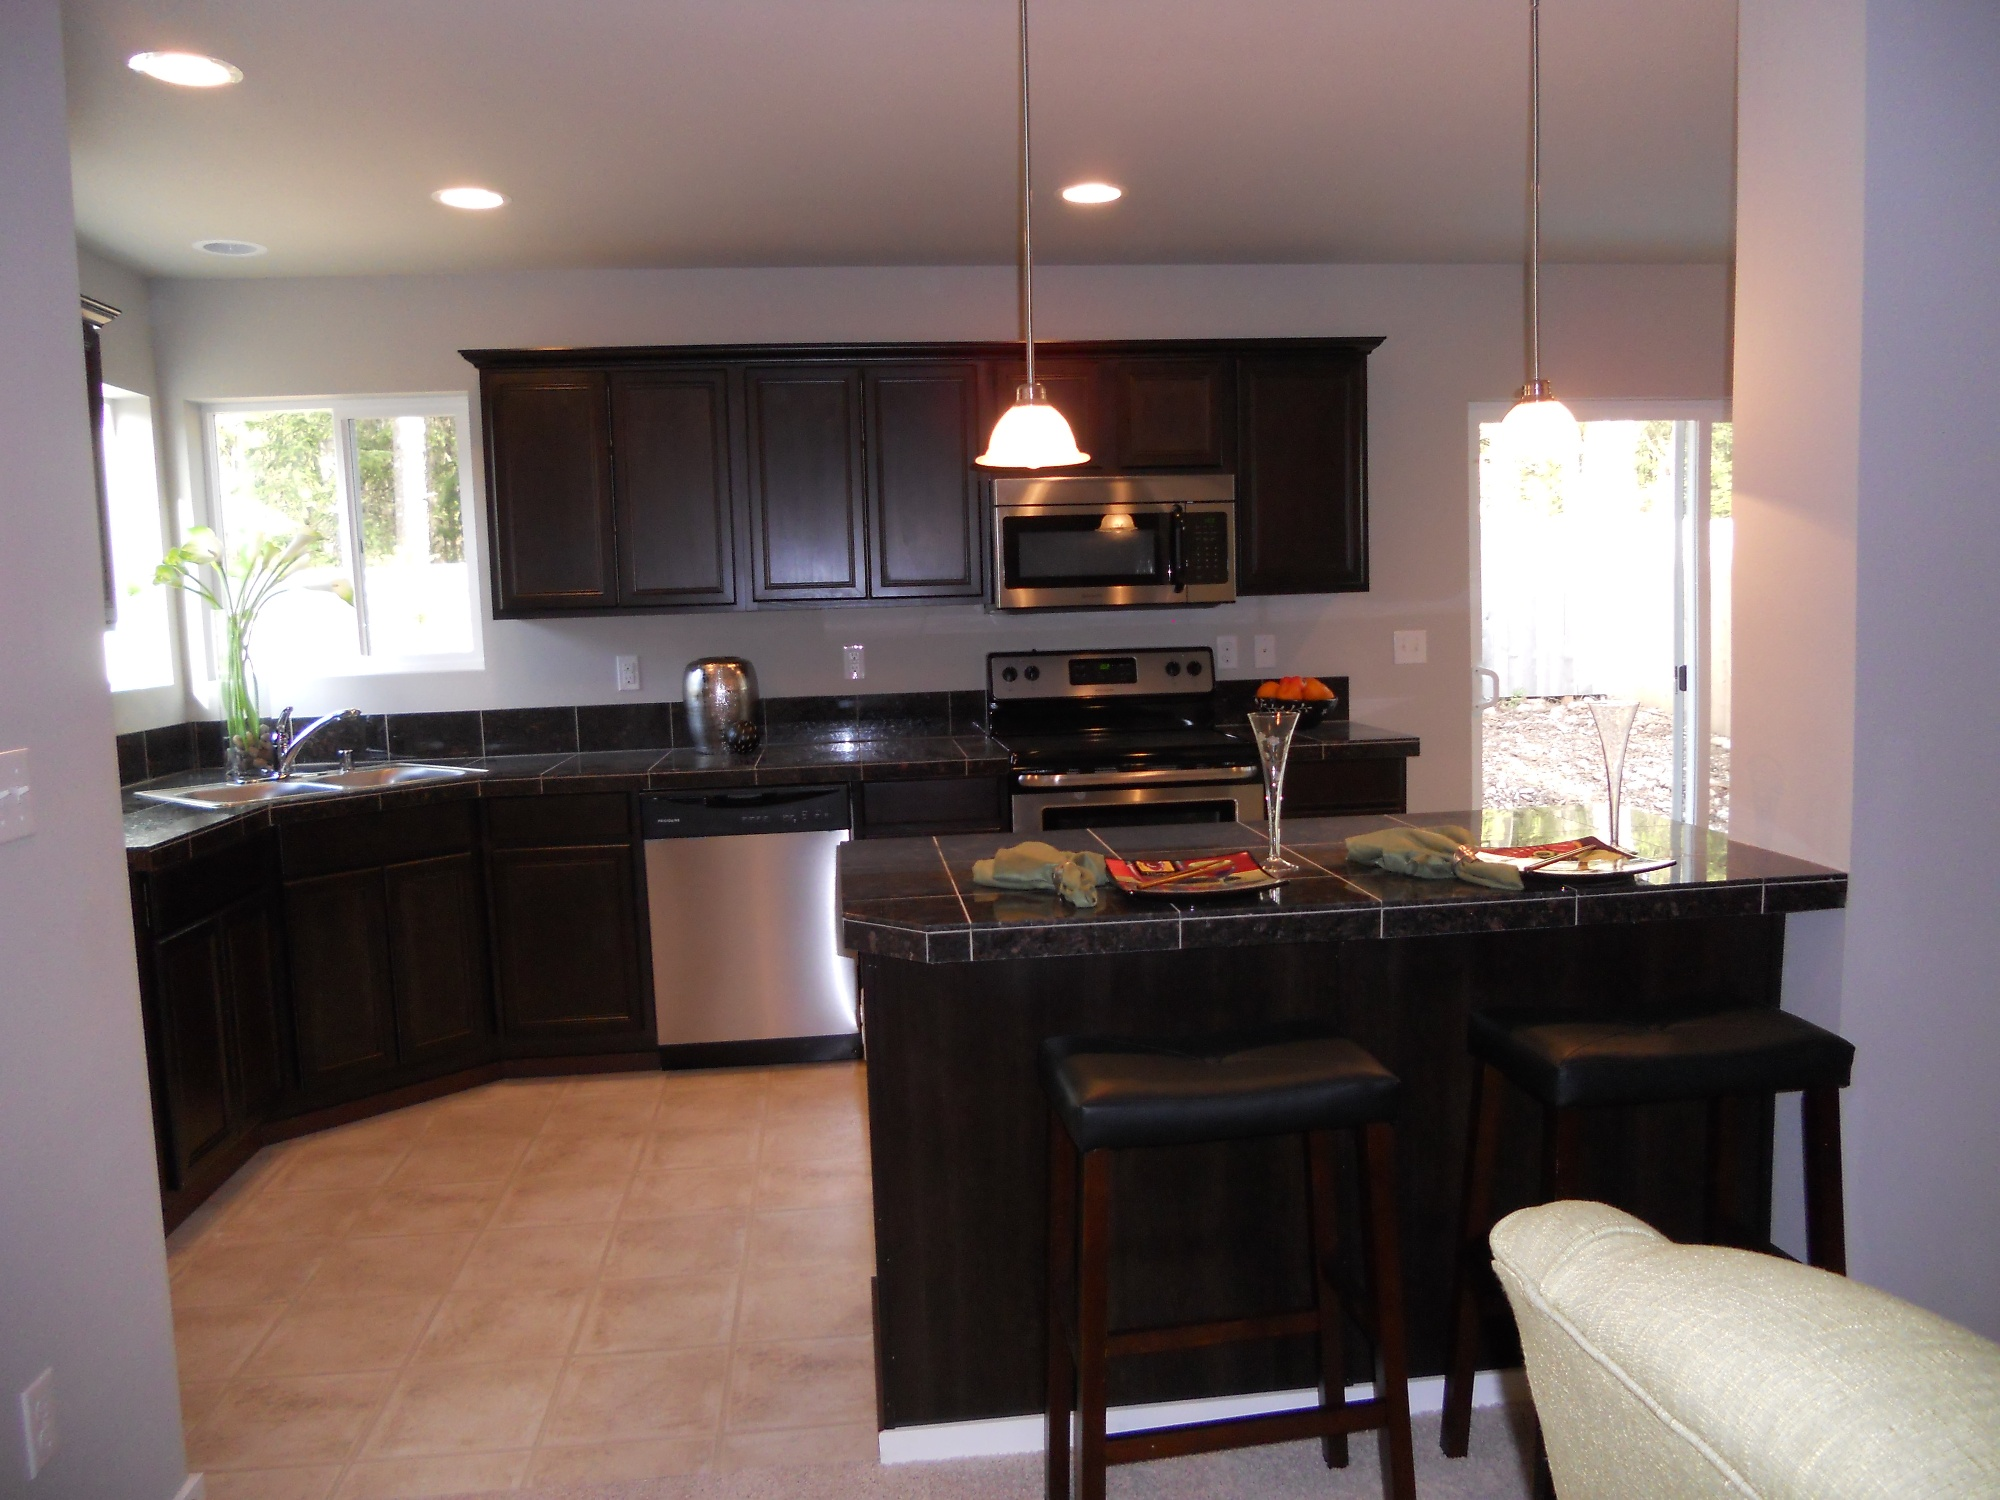 model home new kitchen design new kitchen cabinets Check